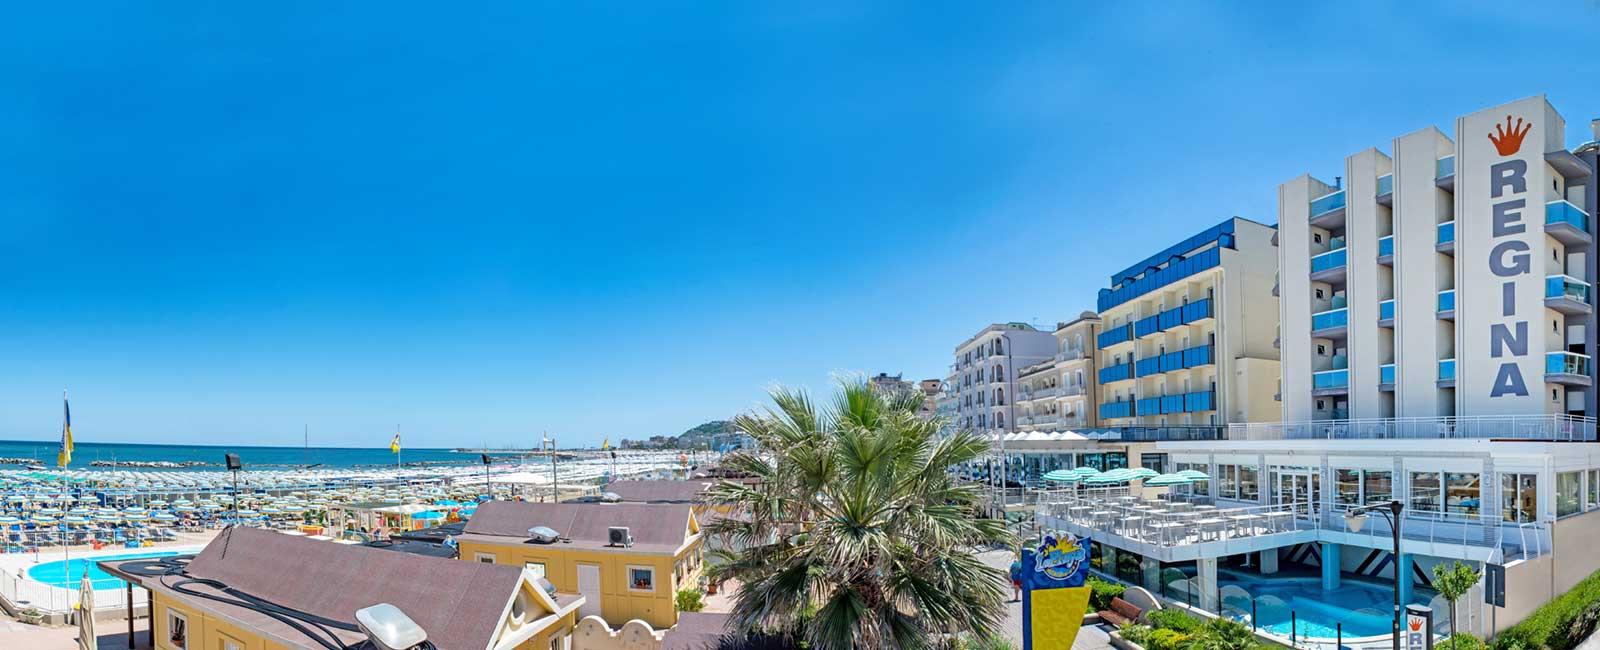 Cattolica Hotel  Stelle Sul Mare